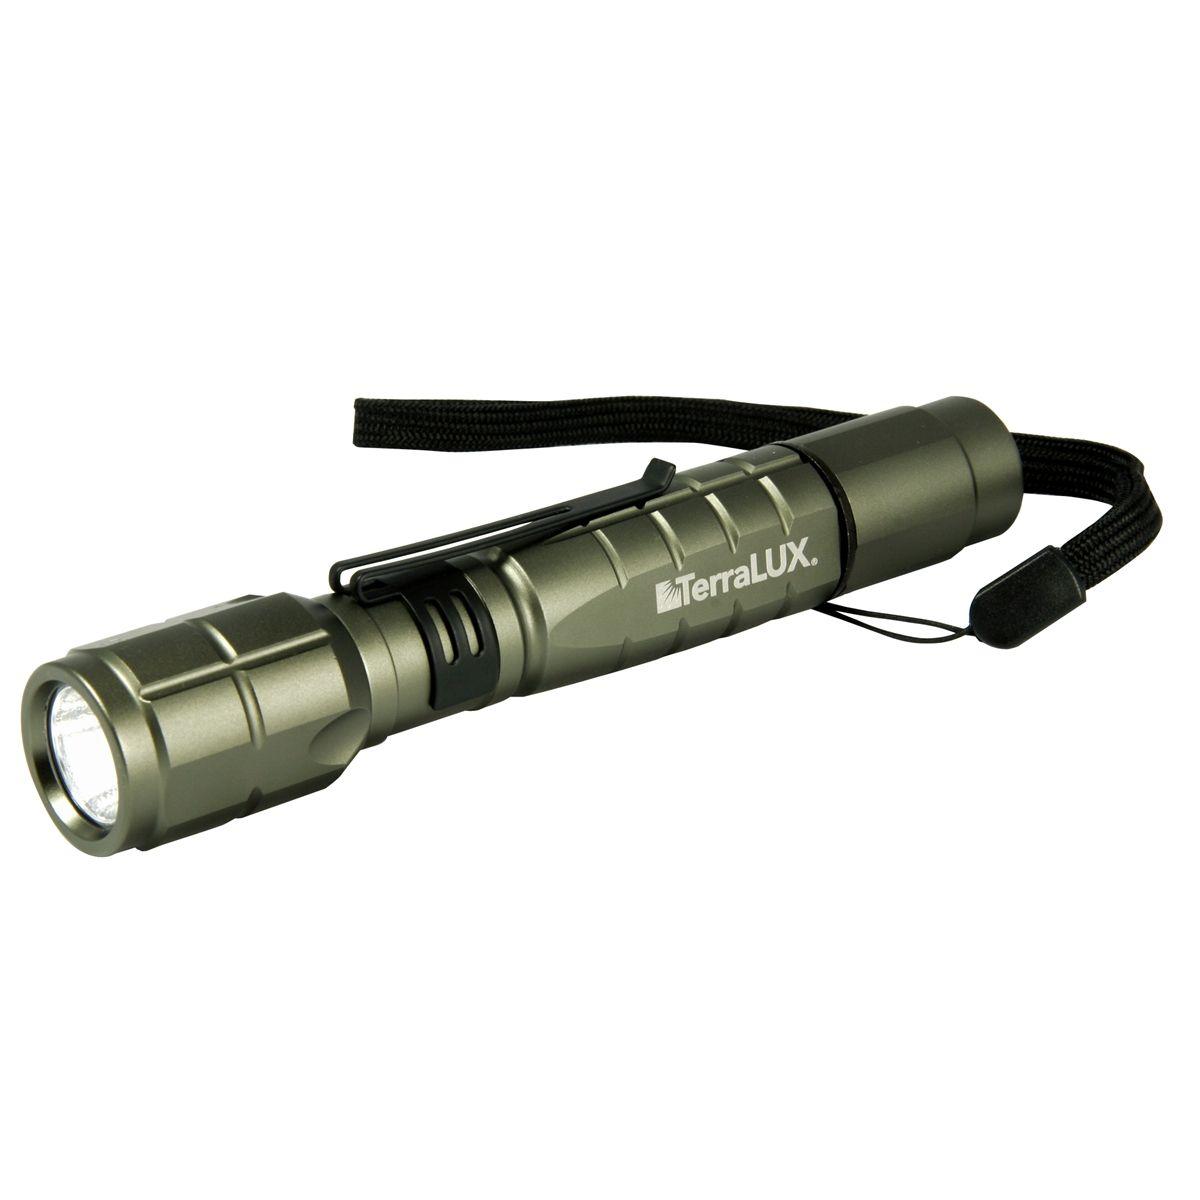 TerraLUX TLF-3002AA-BK LightStar300 3-Watt LED Aluminum Flashlight,Titanium Grey